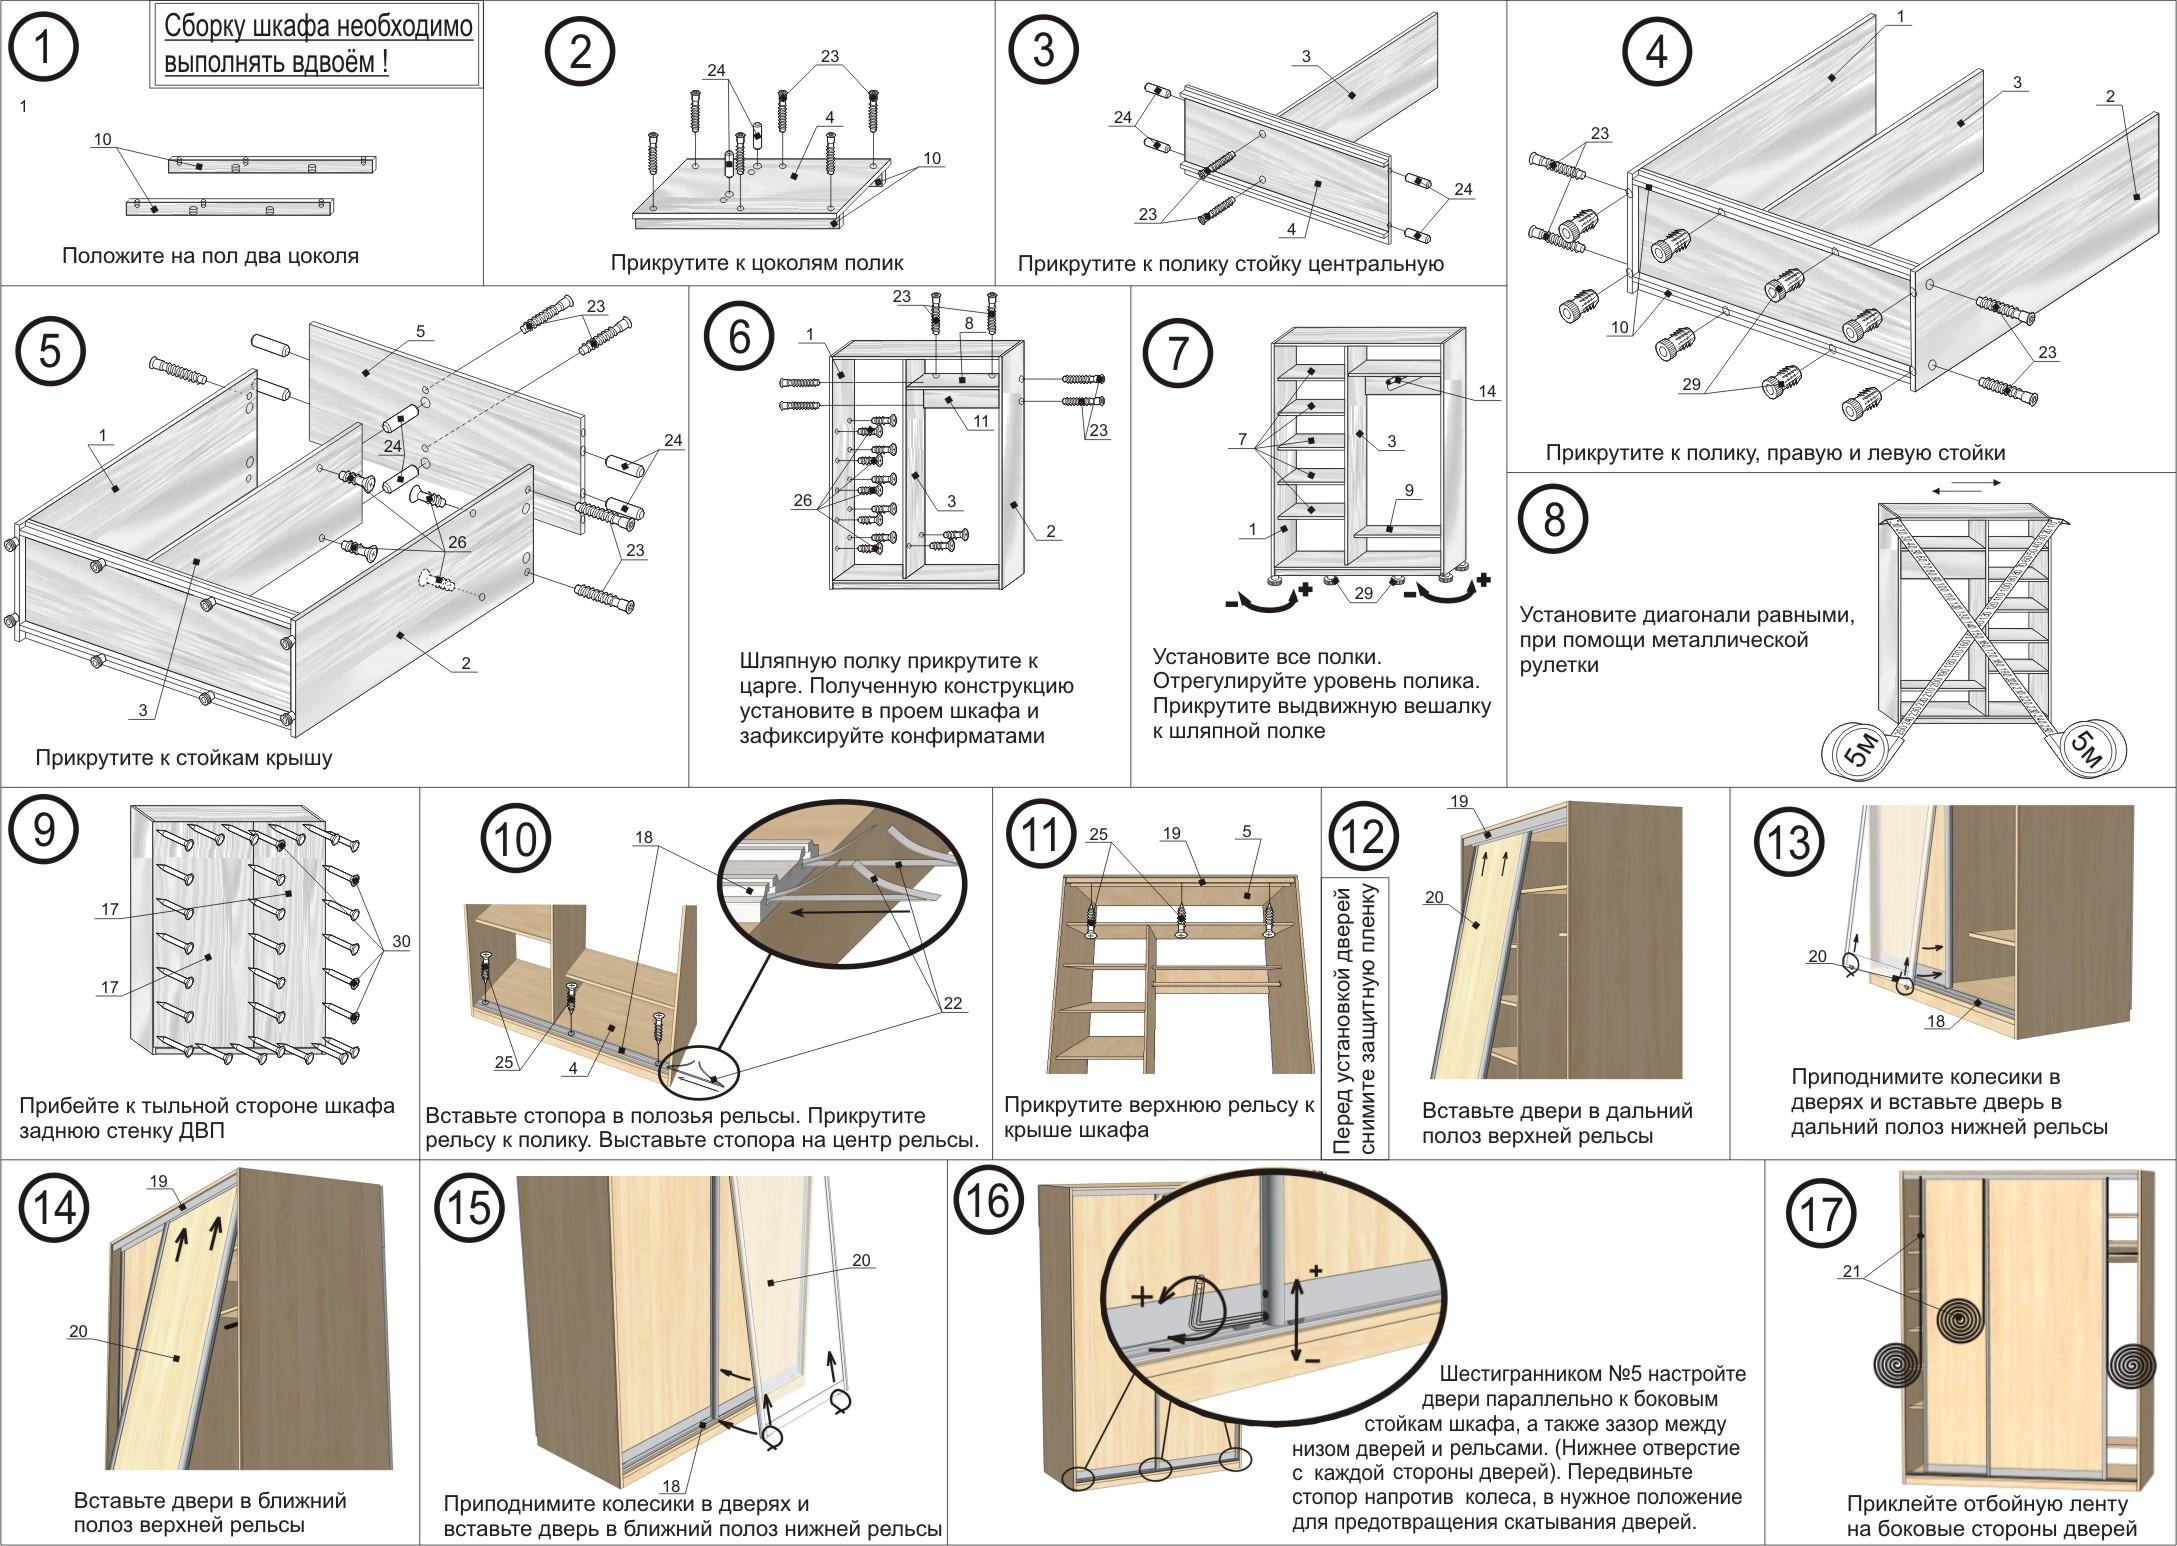 Инструкция как собрать шкаф